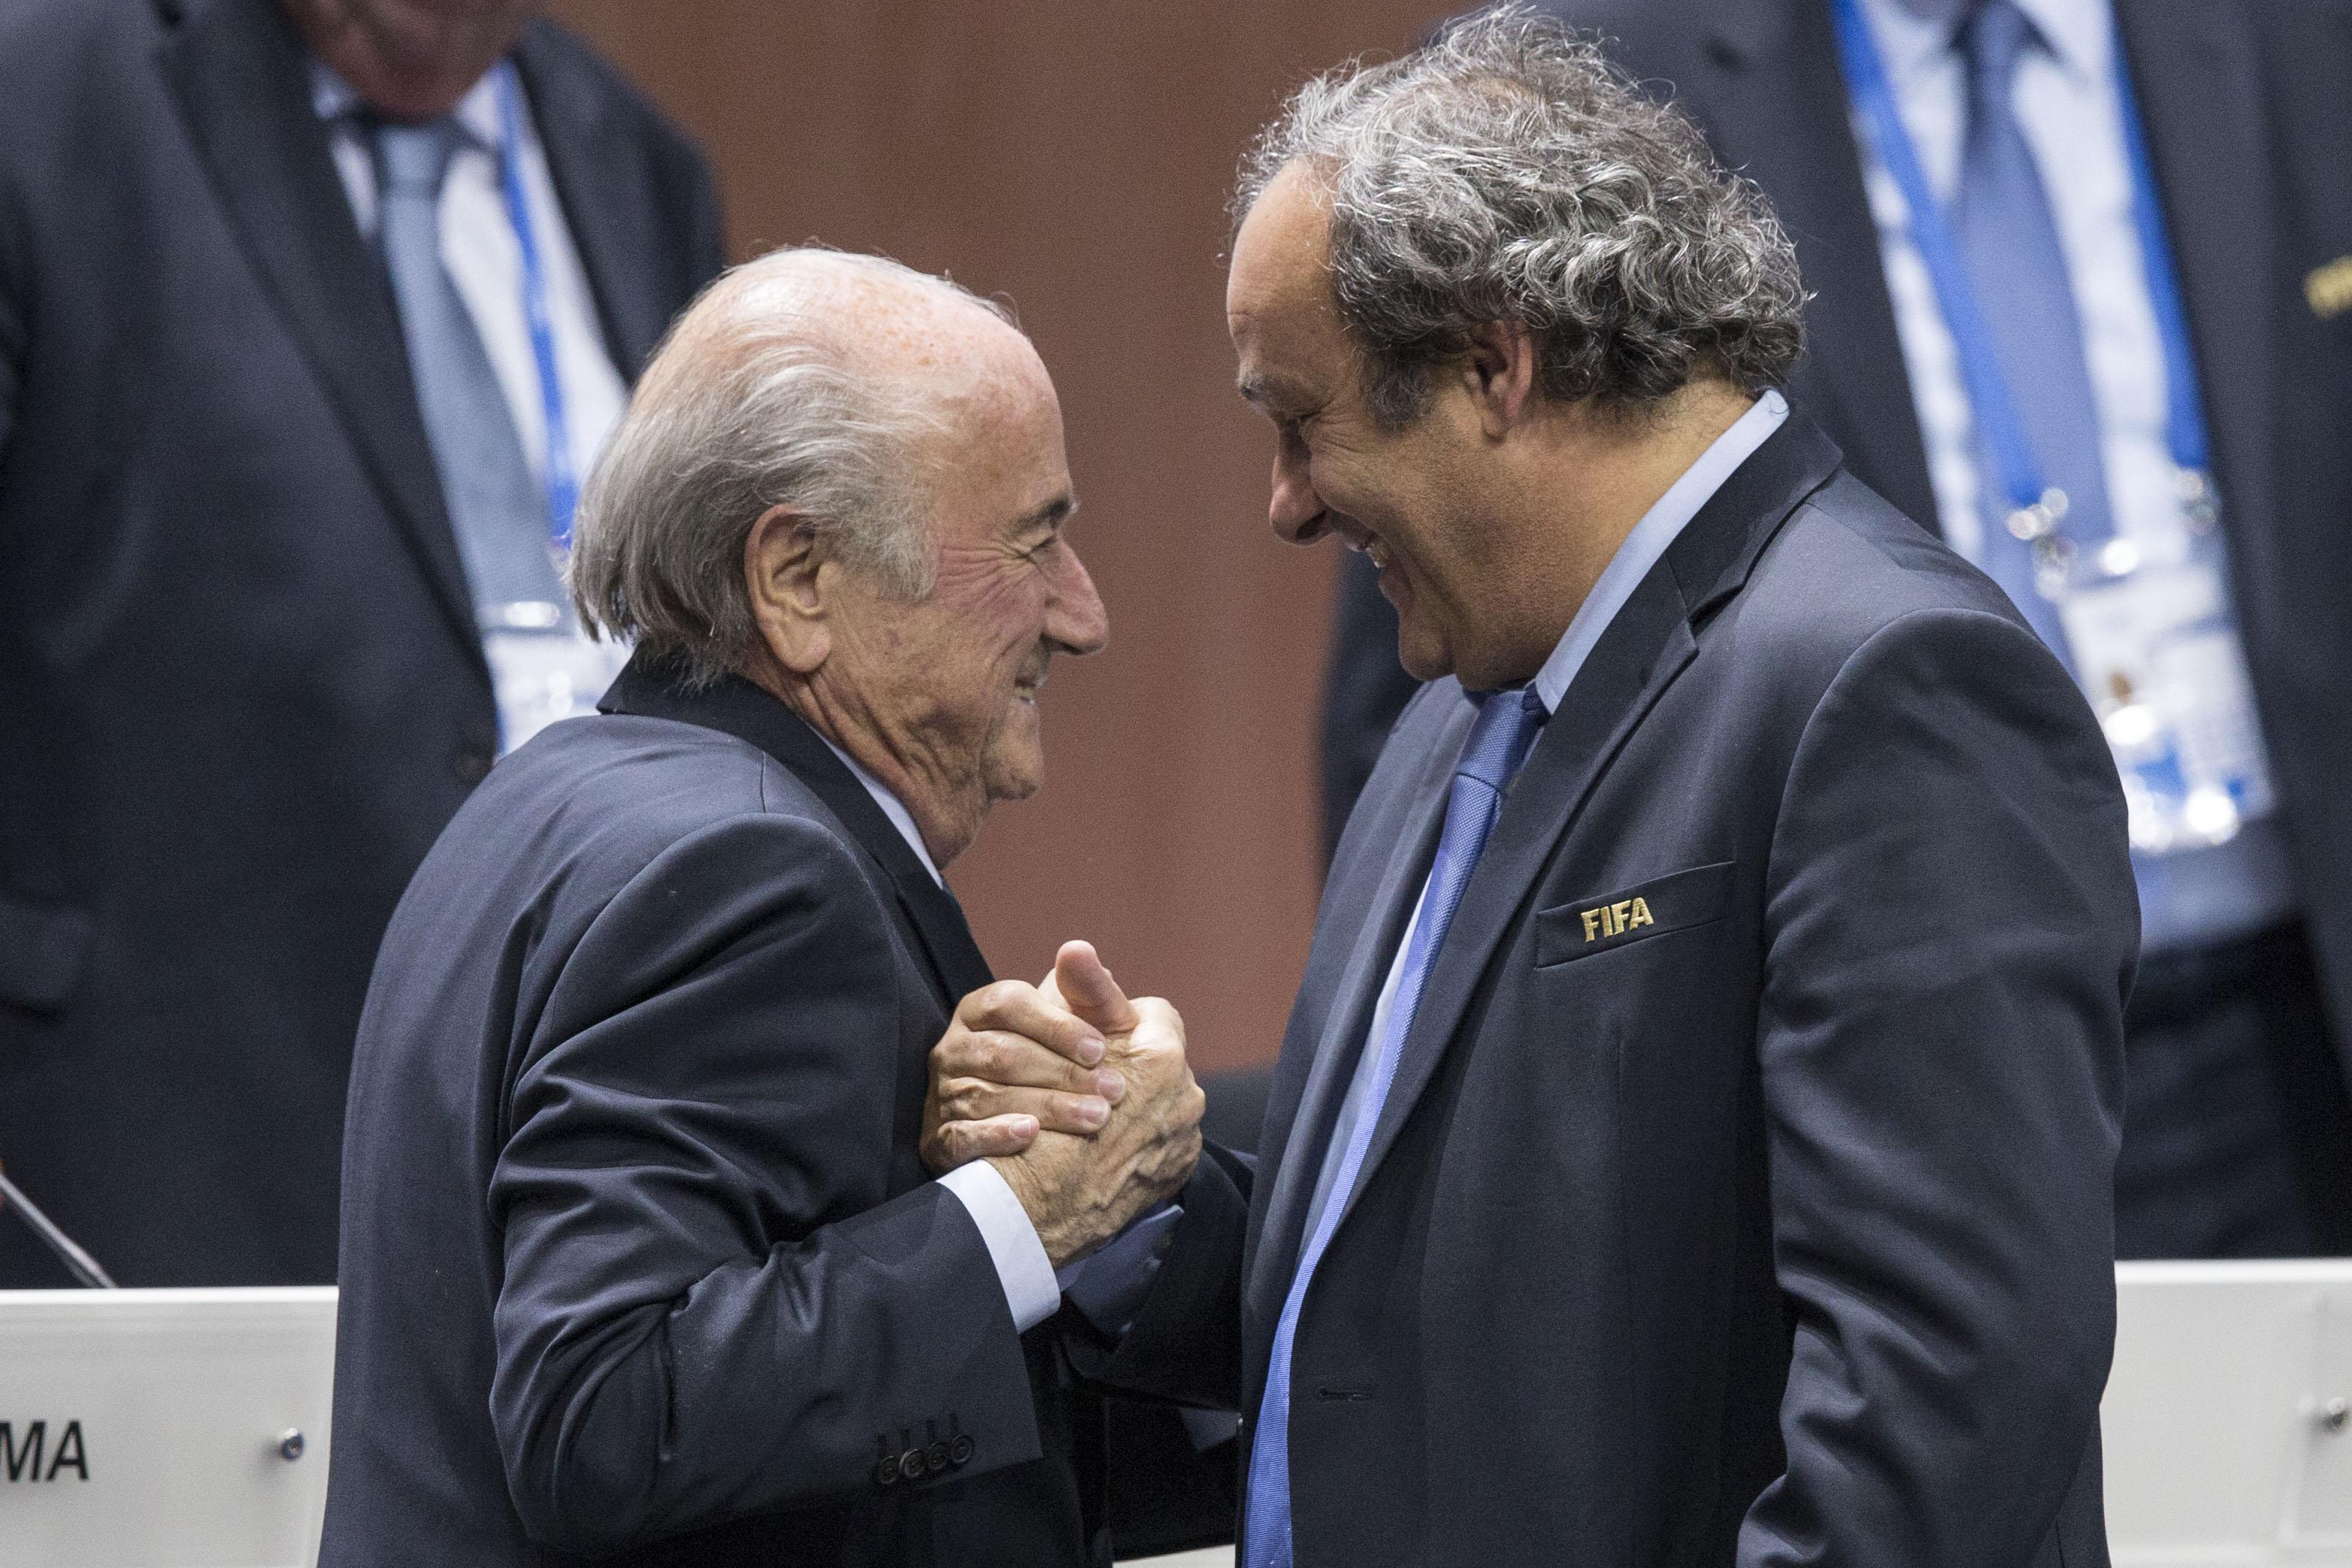 Αποβλήθηκαν για 3 μήνες από FIFA και UEFA Μπλάτερ και Πλατινί | tovima.gr